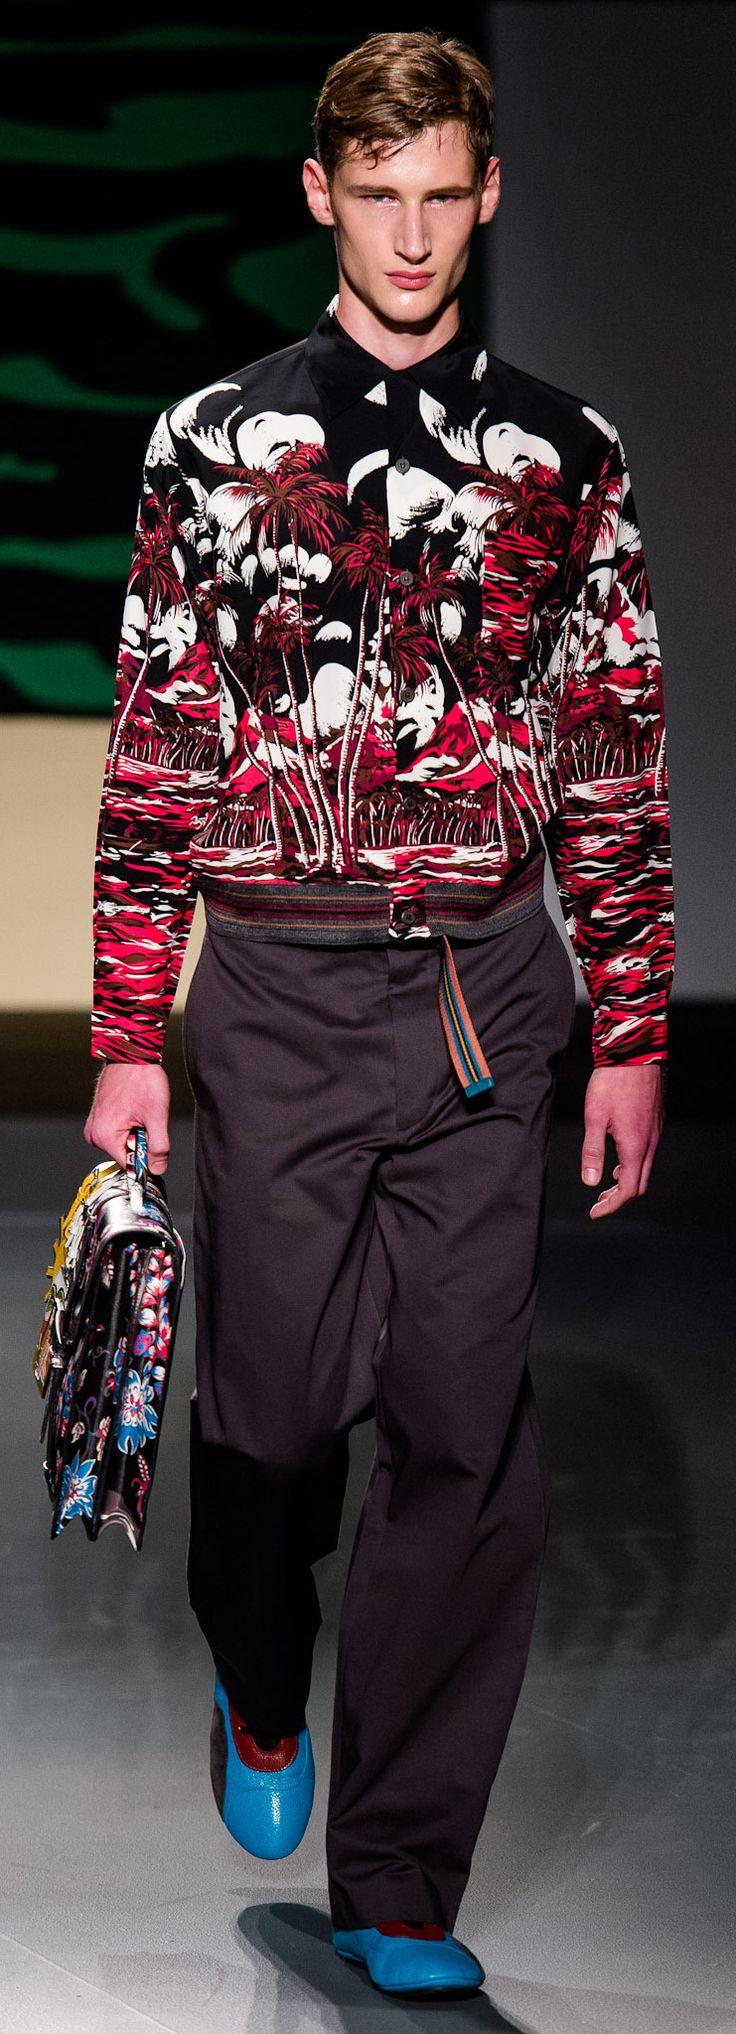 Prada - Spring 2014  - Mode prêt à porter - Haute couture - Prada